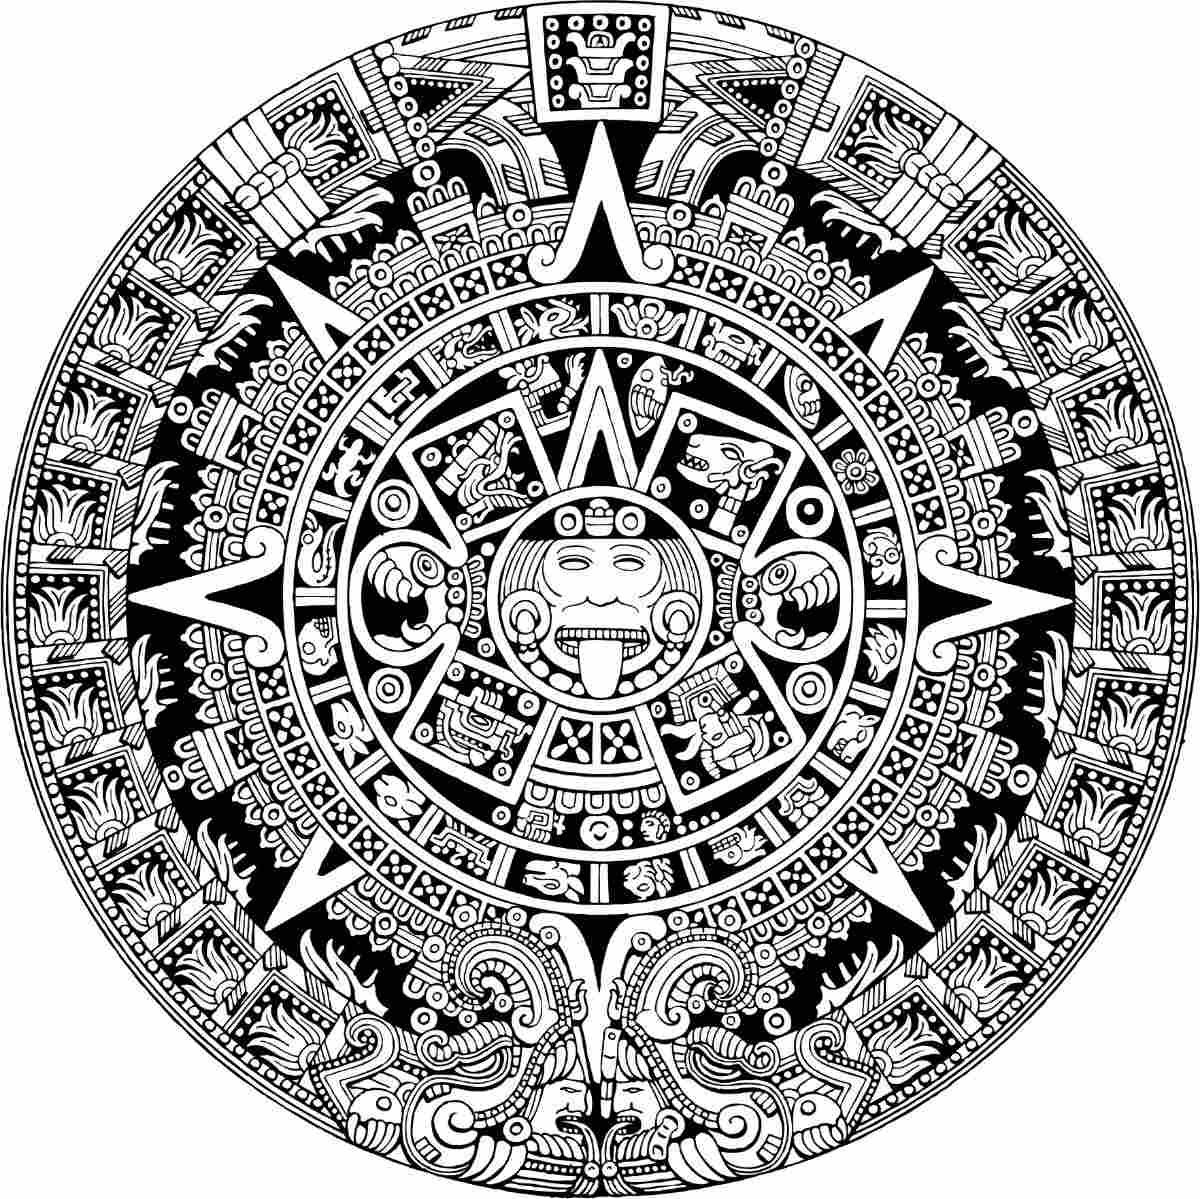 N Calendar Art History : Imágenes símbolos y arquitectura de la cultura maya